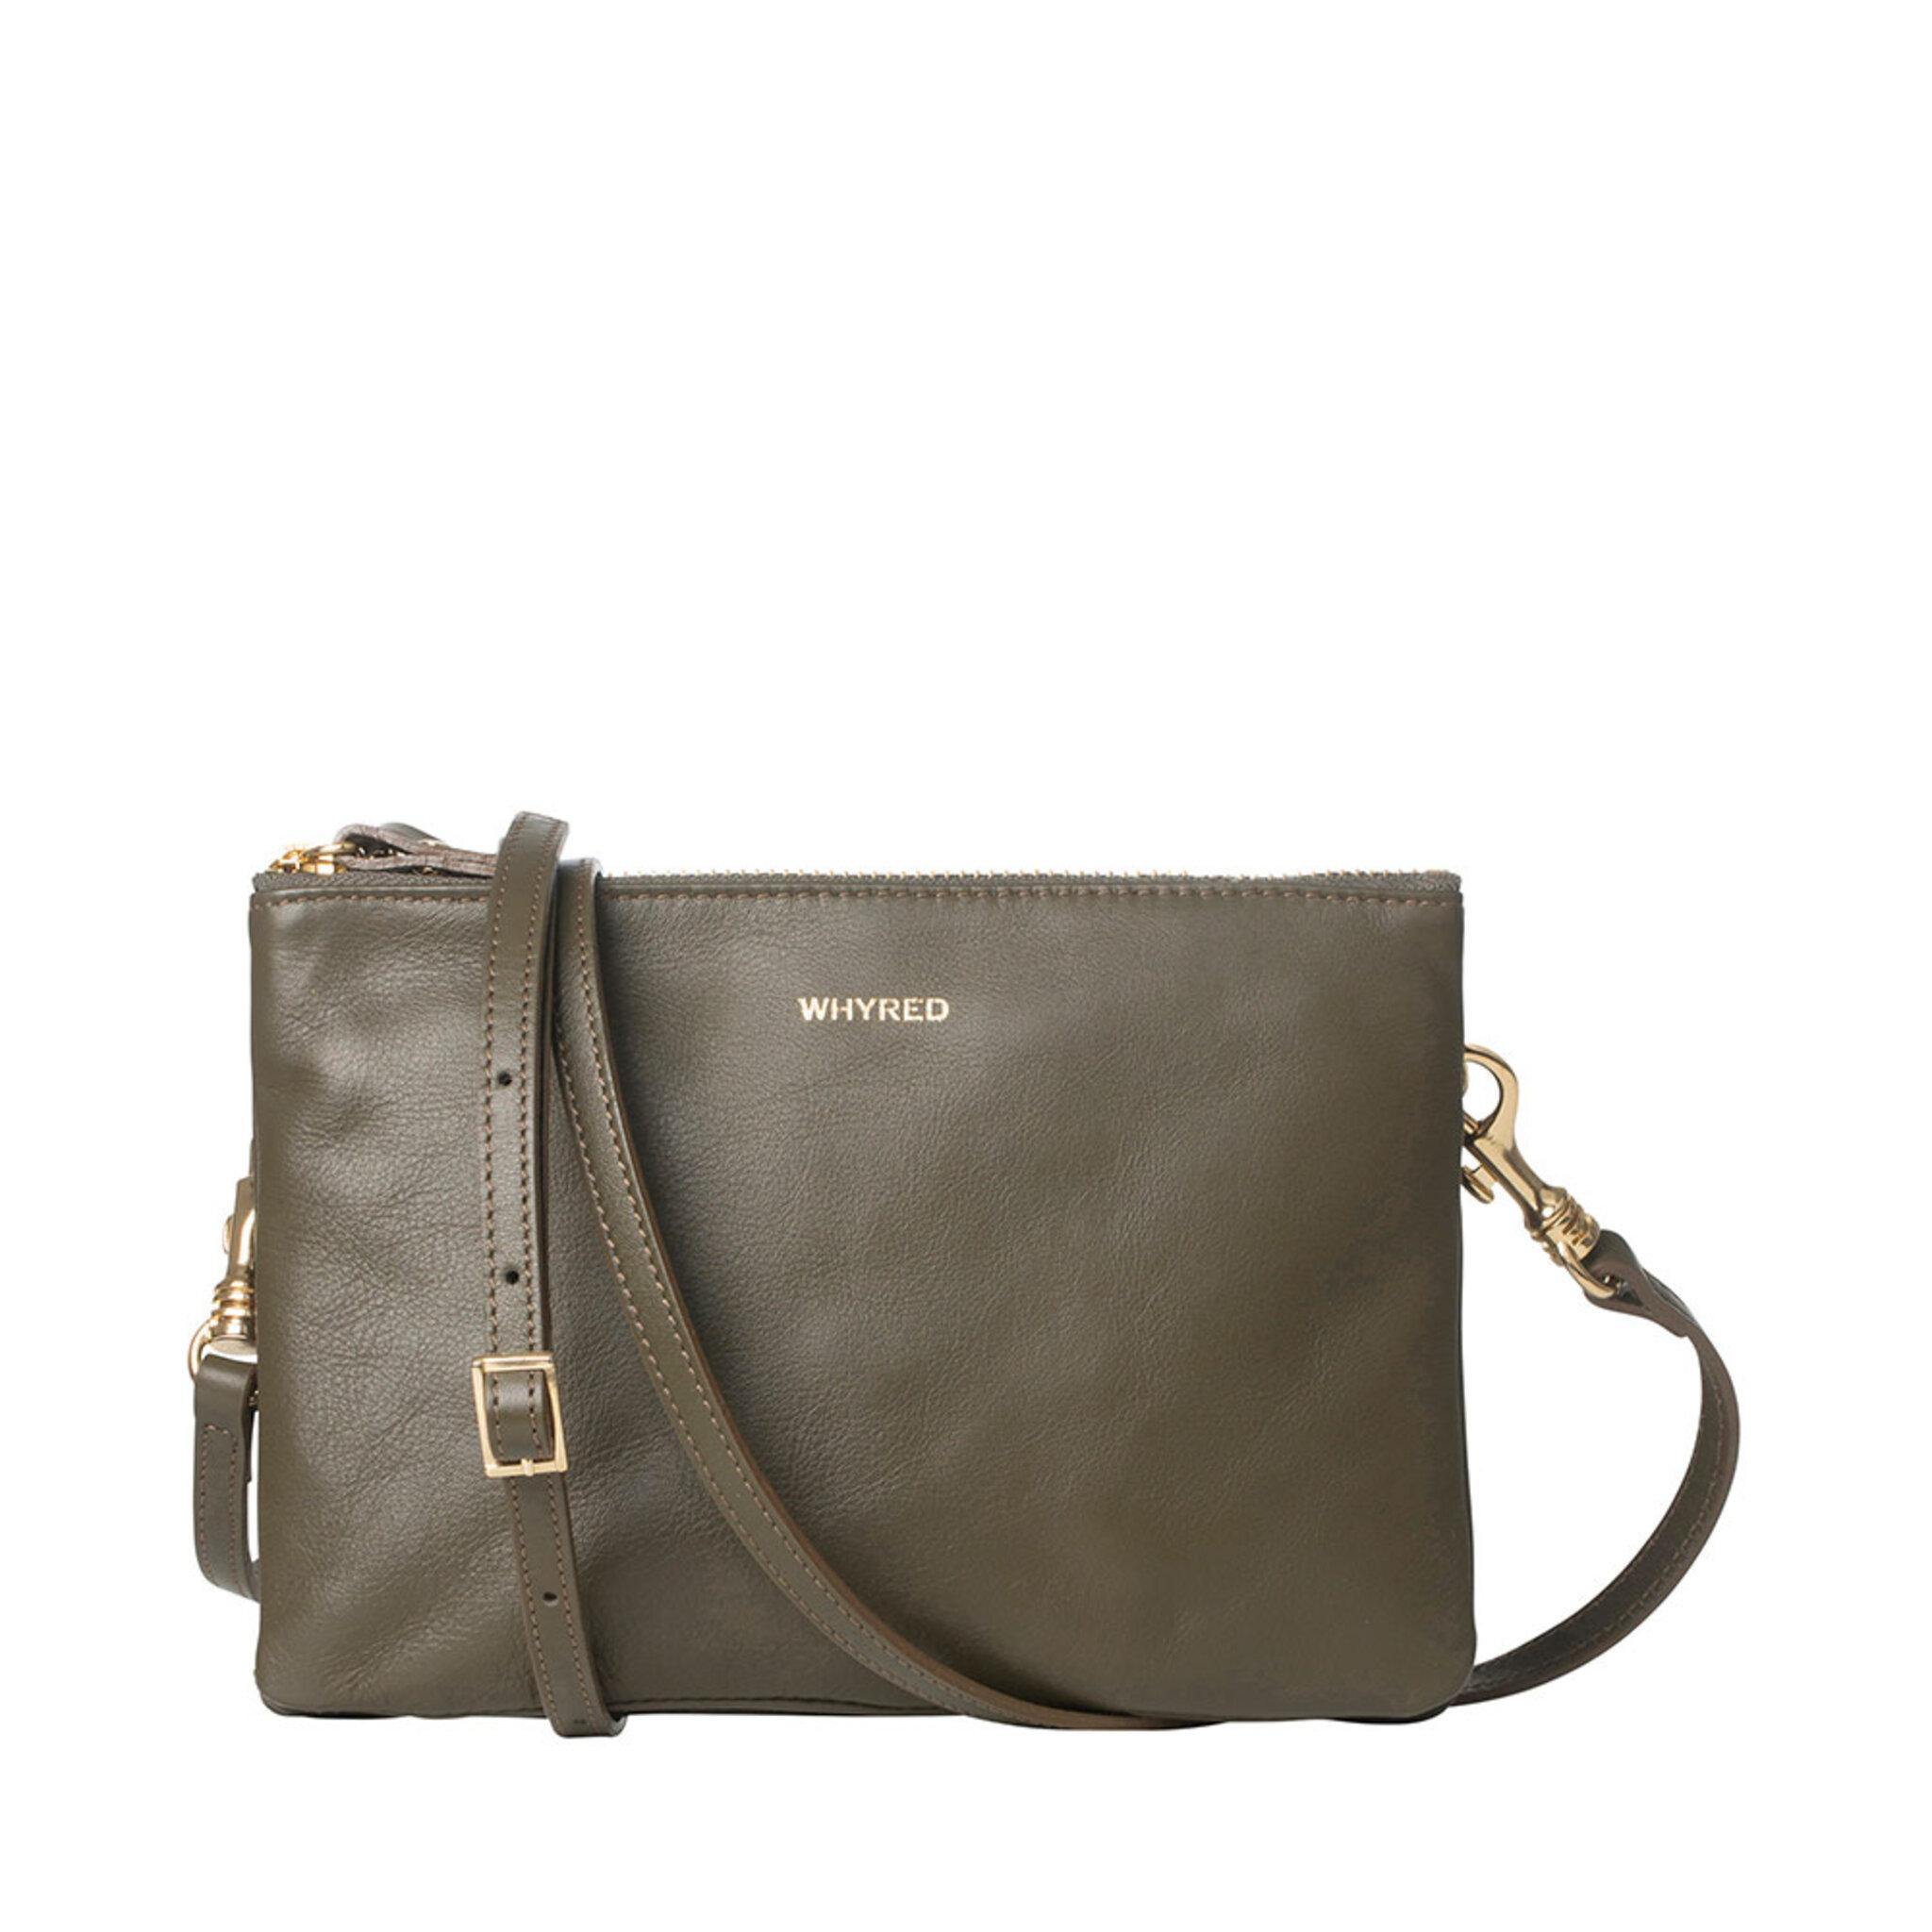 3d8d2f0c2a12 Kira Double - Handväskor - Köp online på åhlens.se!